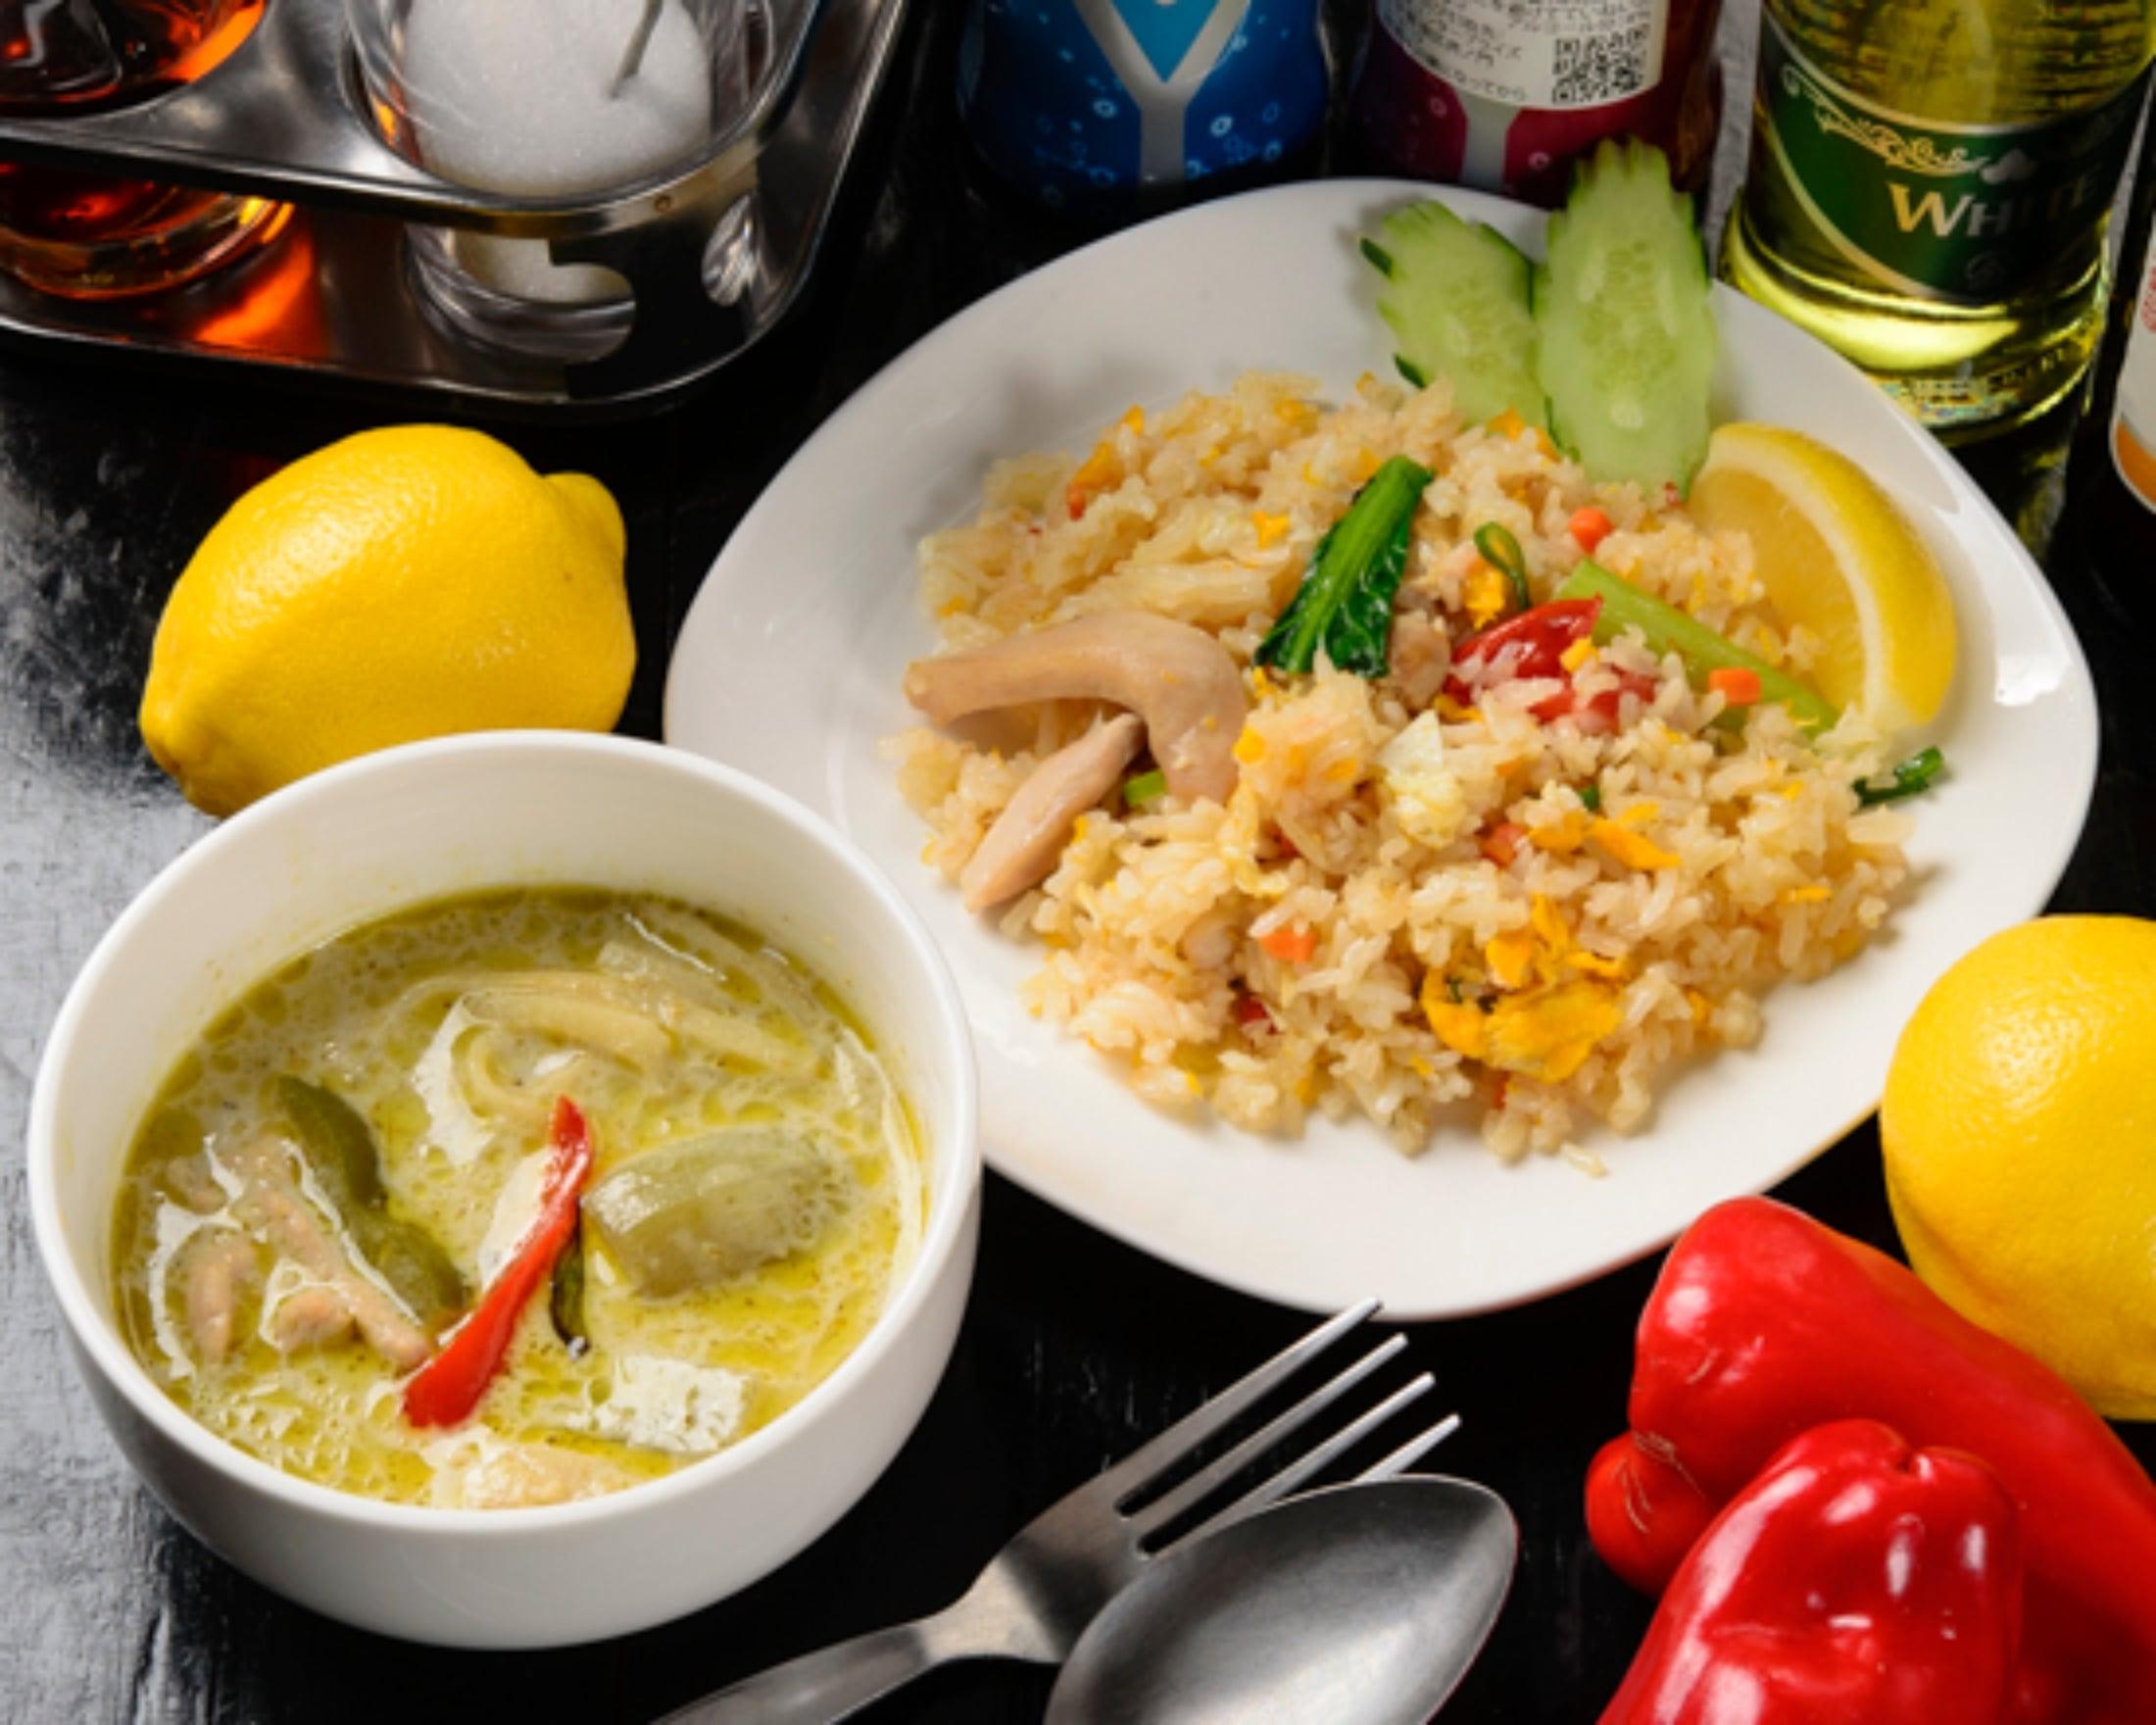 (モバイル限定)タイ料理2種弁当●グリーンカレー(ごはん無し)とタイの焼き飯